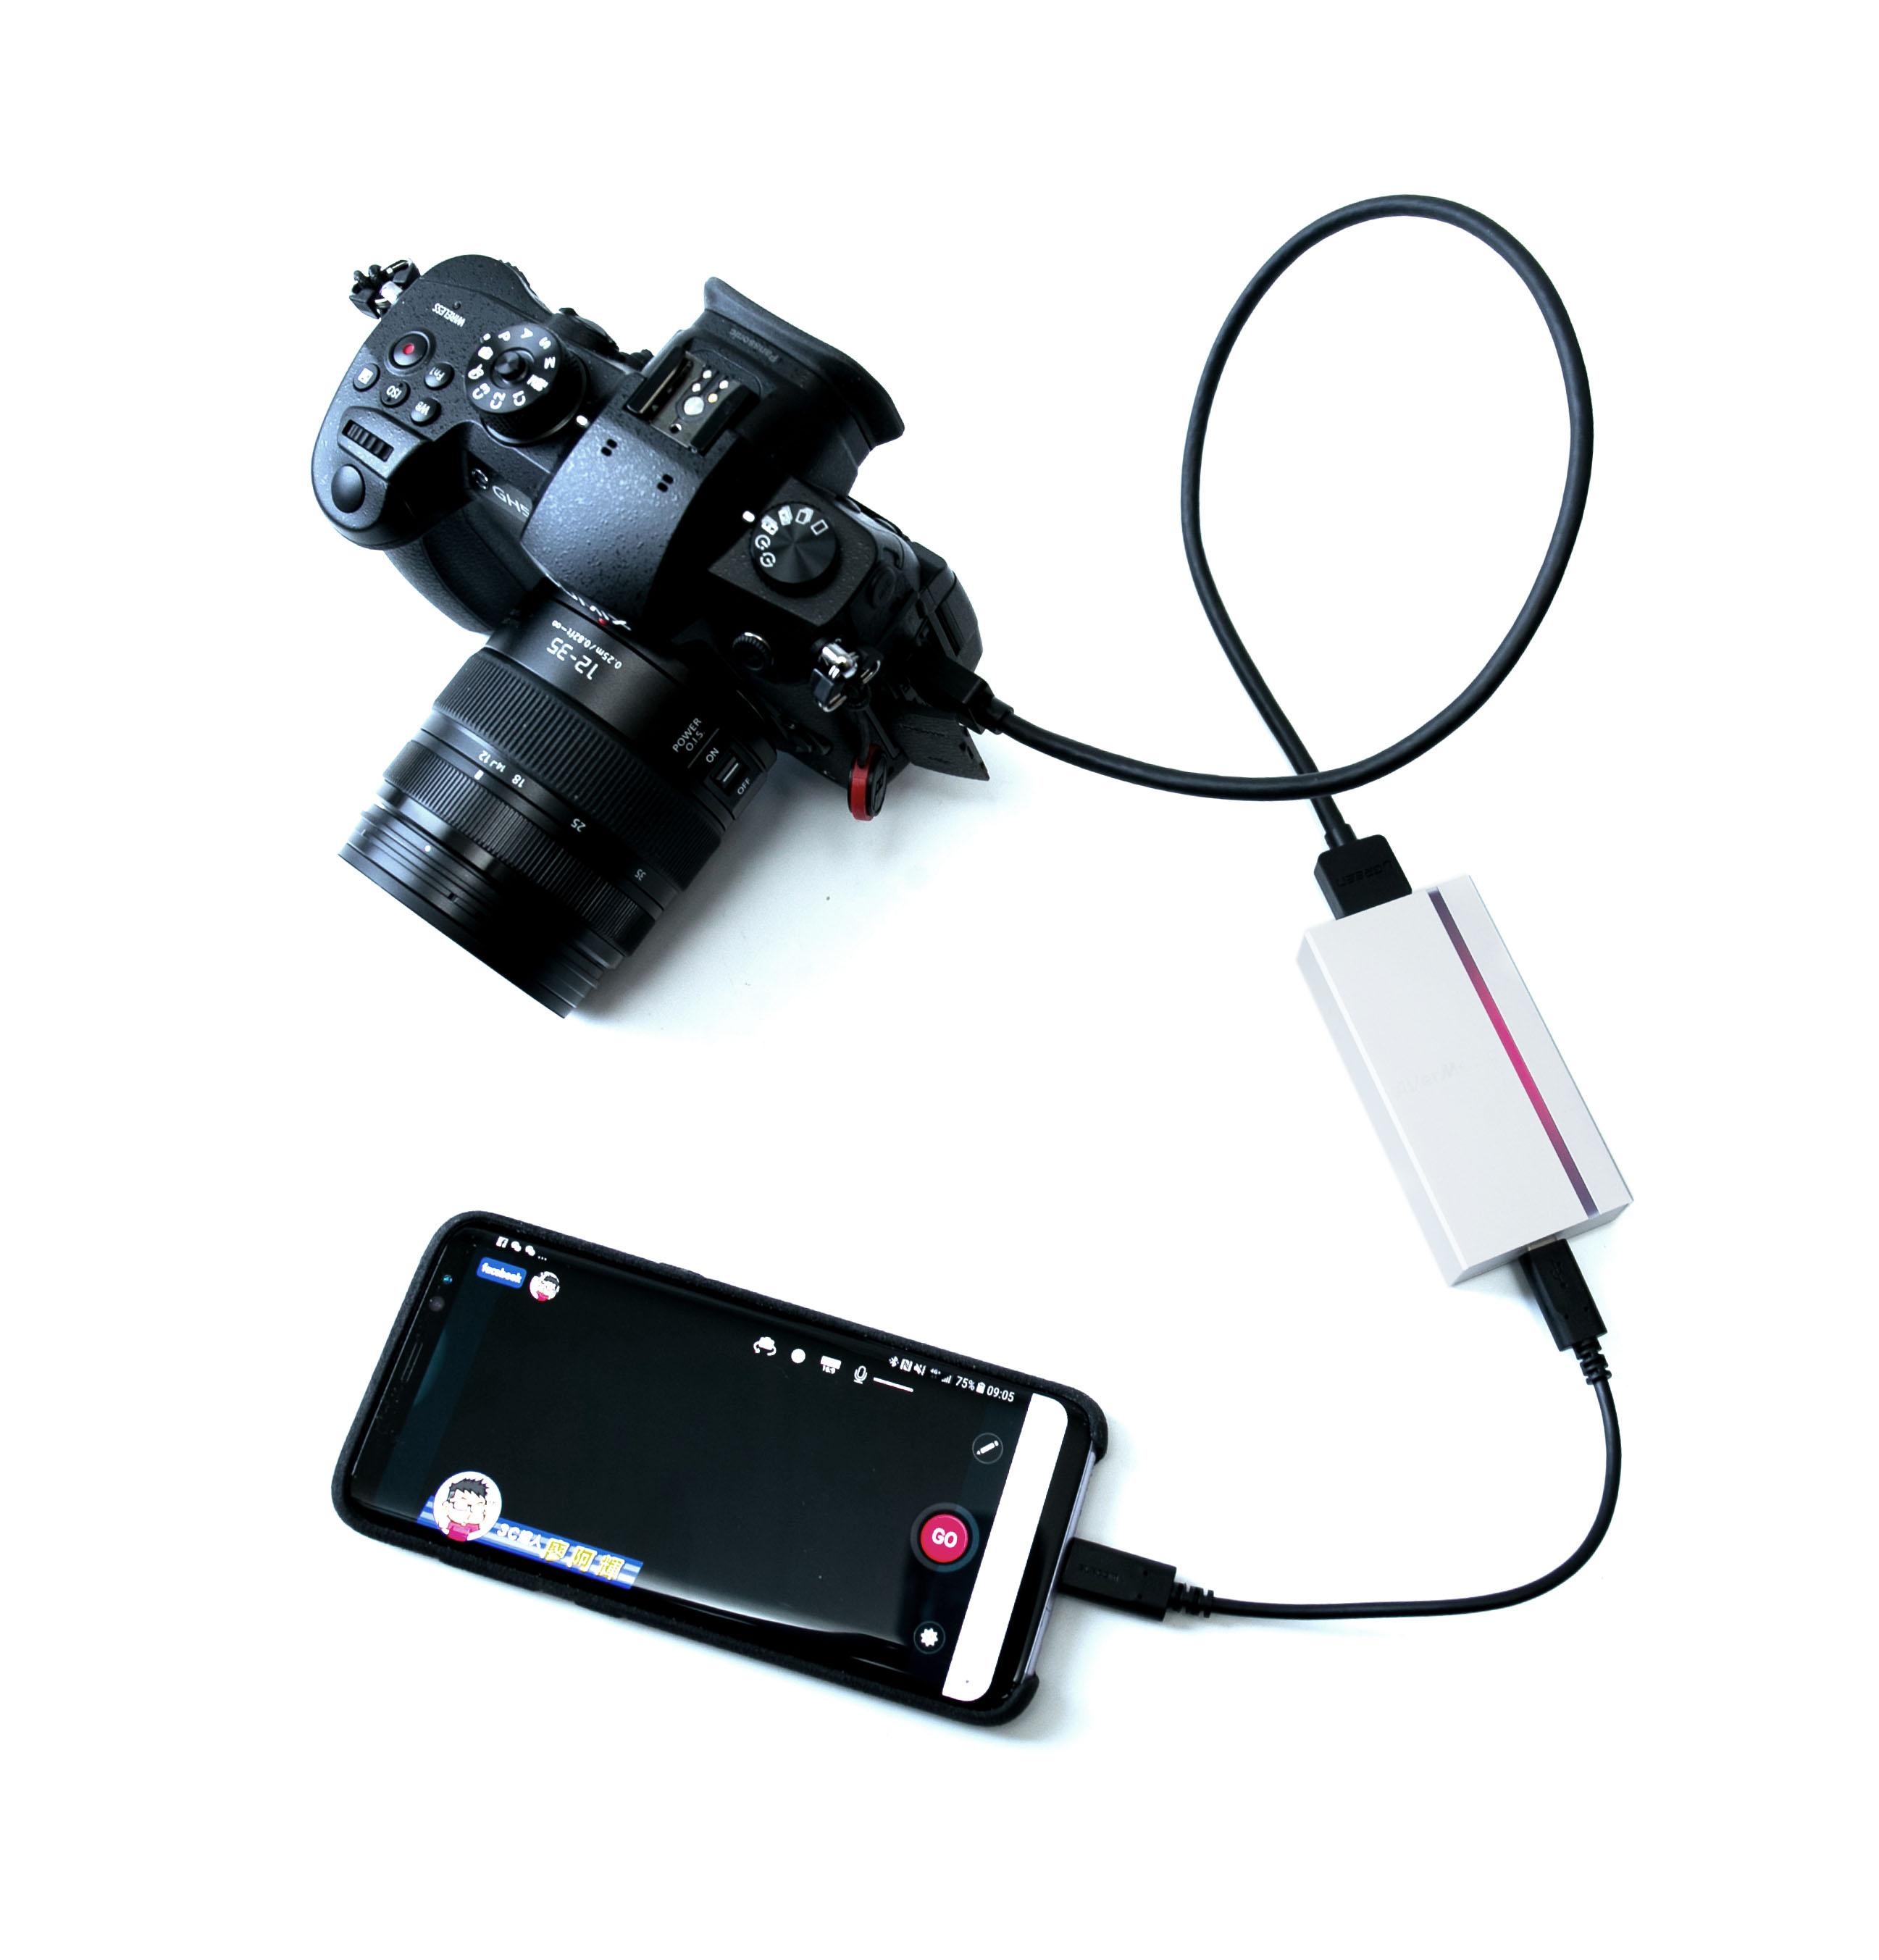 單眼 + 手機 = 高畫質直播! AVerMedia 圓剛 UVC 影像擷取器 BU110 應用篇 – 3C 達人廖阿輝